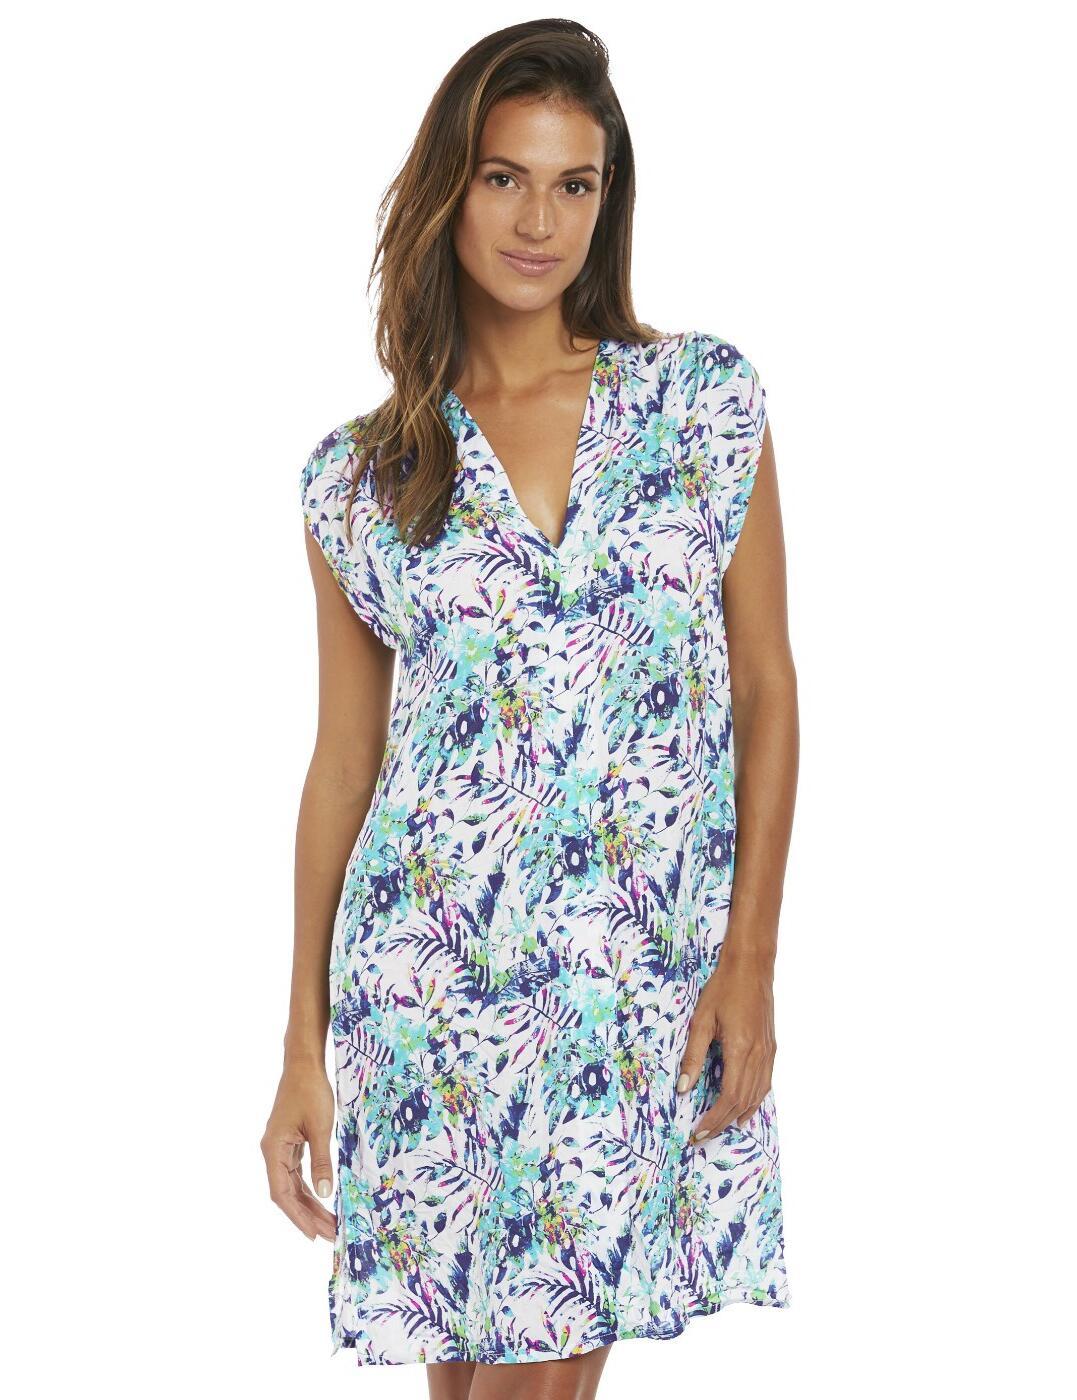 6551 Fantasie Fiji Dress - 6551 Multi